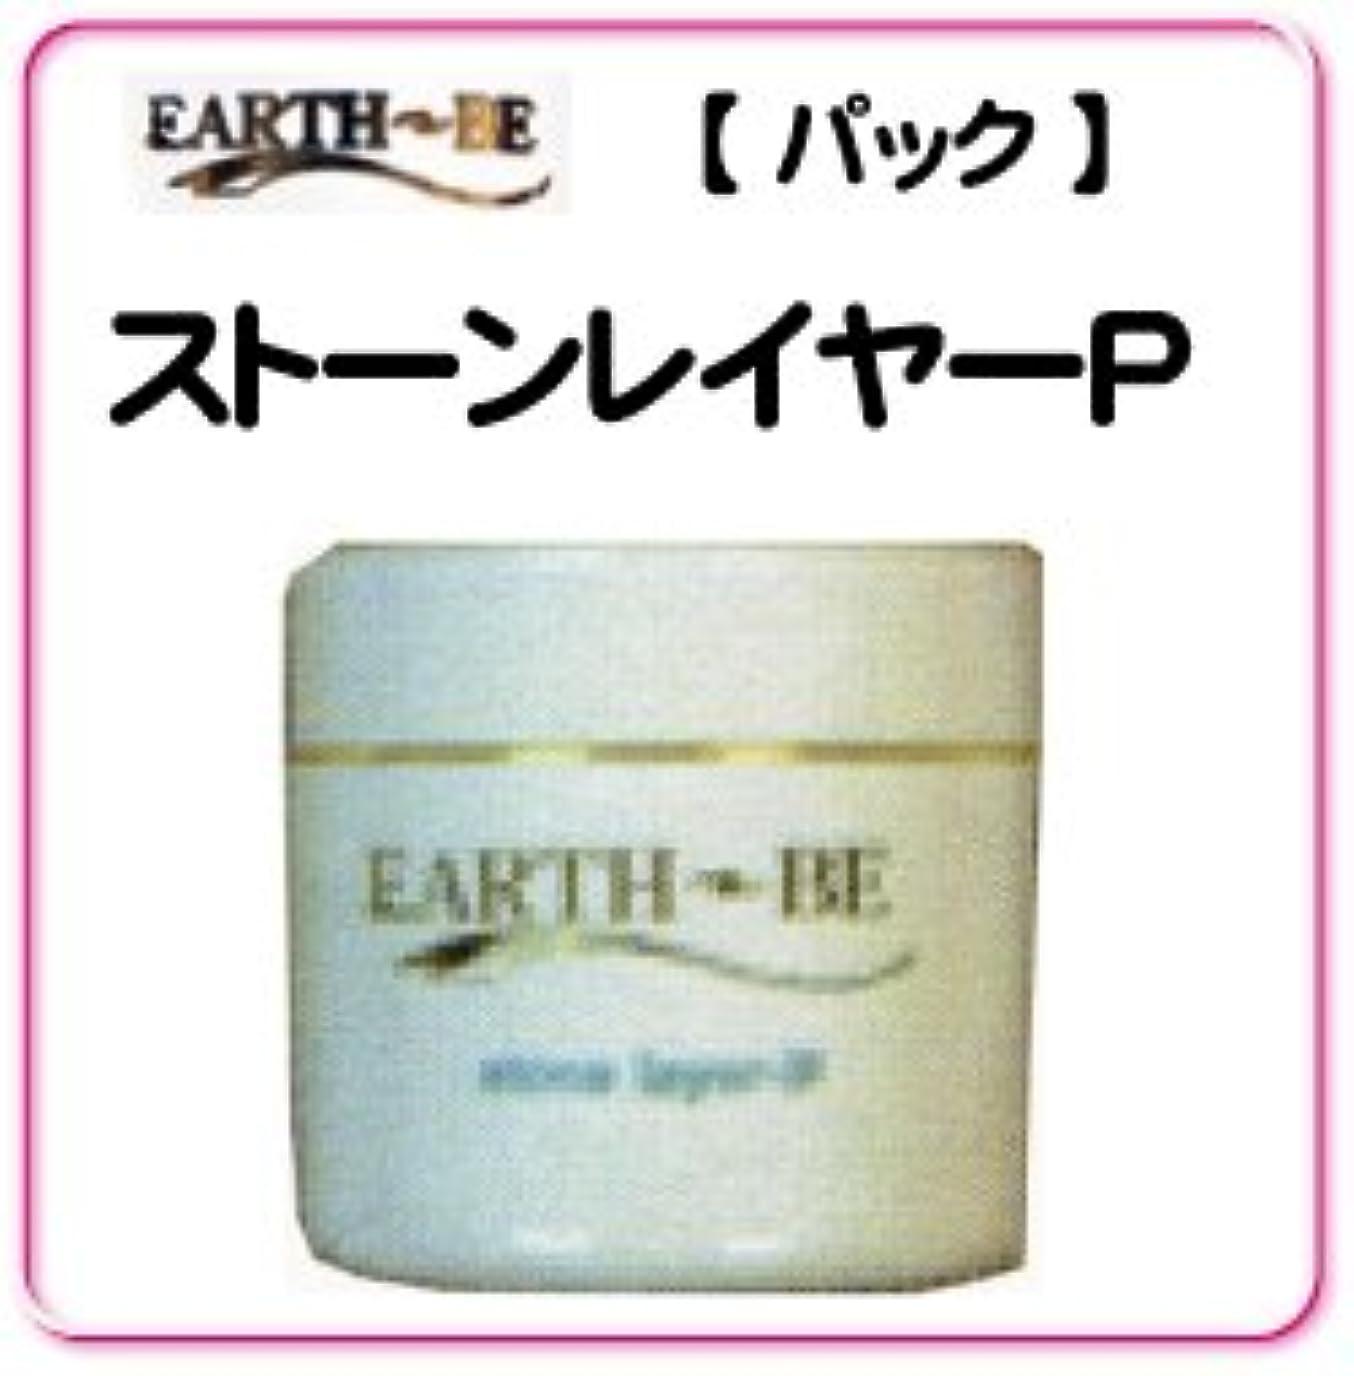 招待よりブリッジベルマン化粧品 EARTH-Bシリーズ  アースビ ストーンレイヤー P  パック 100g